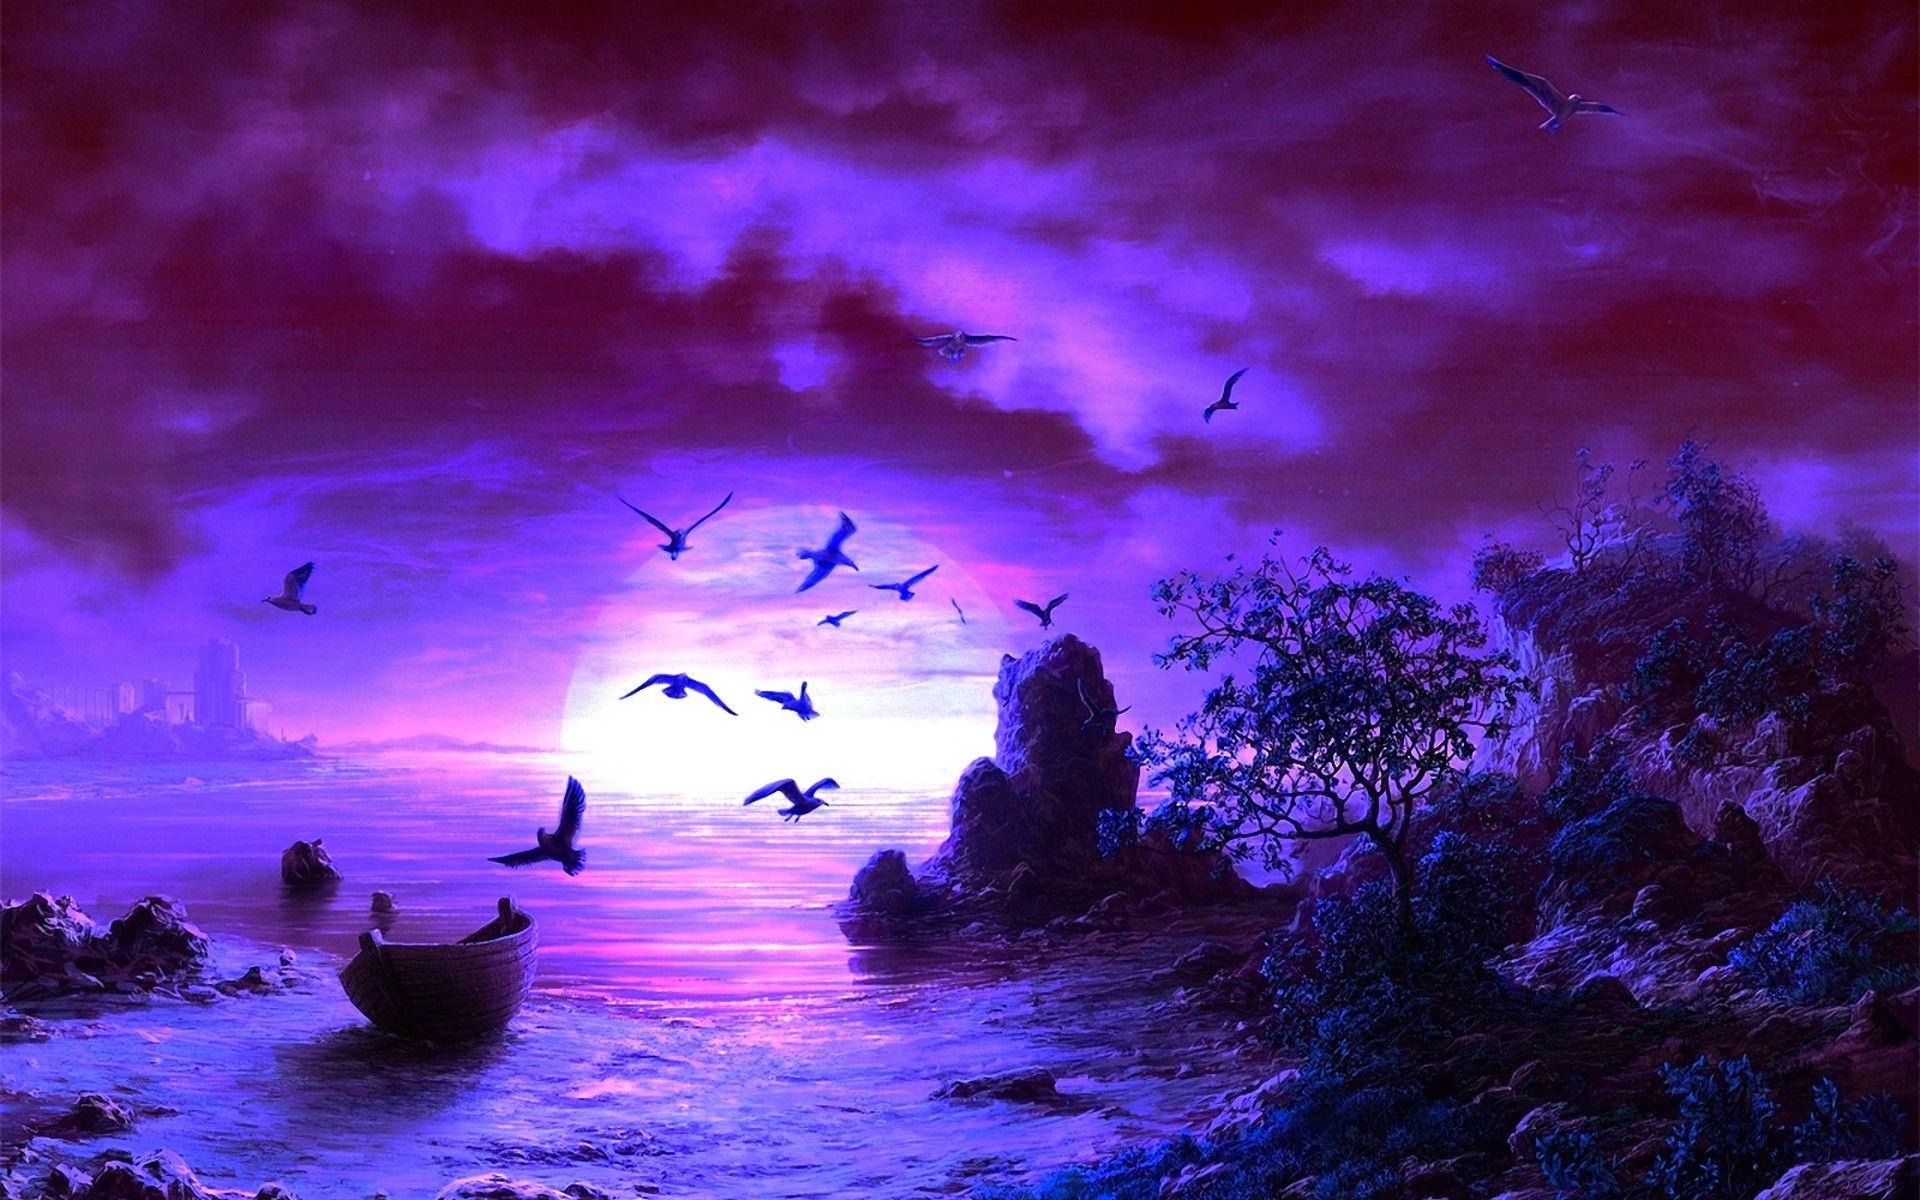 Fantasy Moon Art Desktop Wallpapers Fantasy Fantasy Art Birds Moon Tree Fantasy Backgrounds Fantasy Background Wallpaper Amazing Sunsets